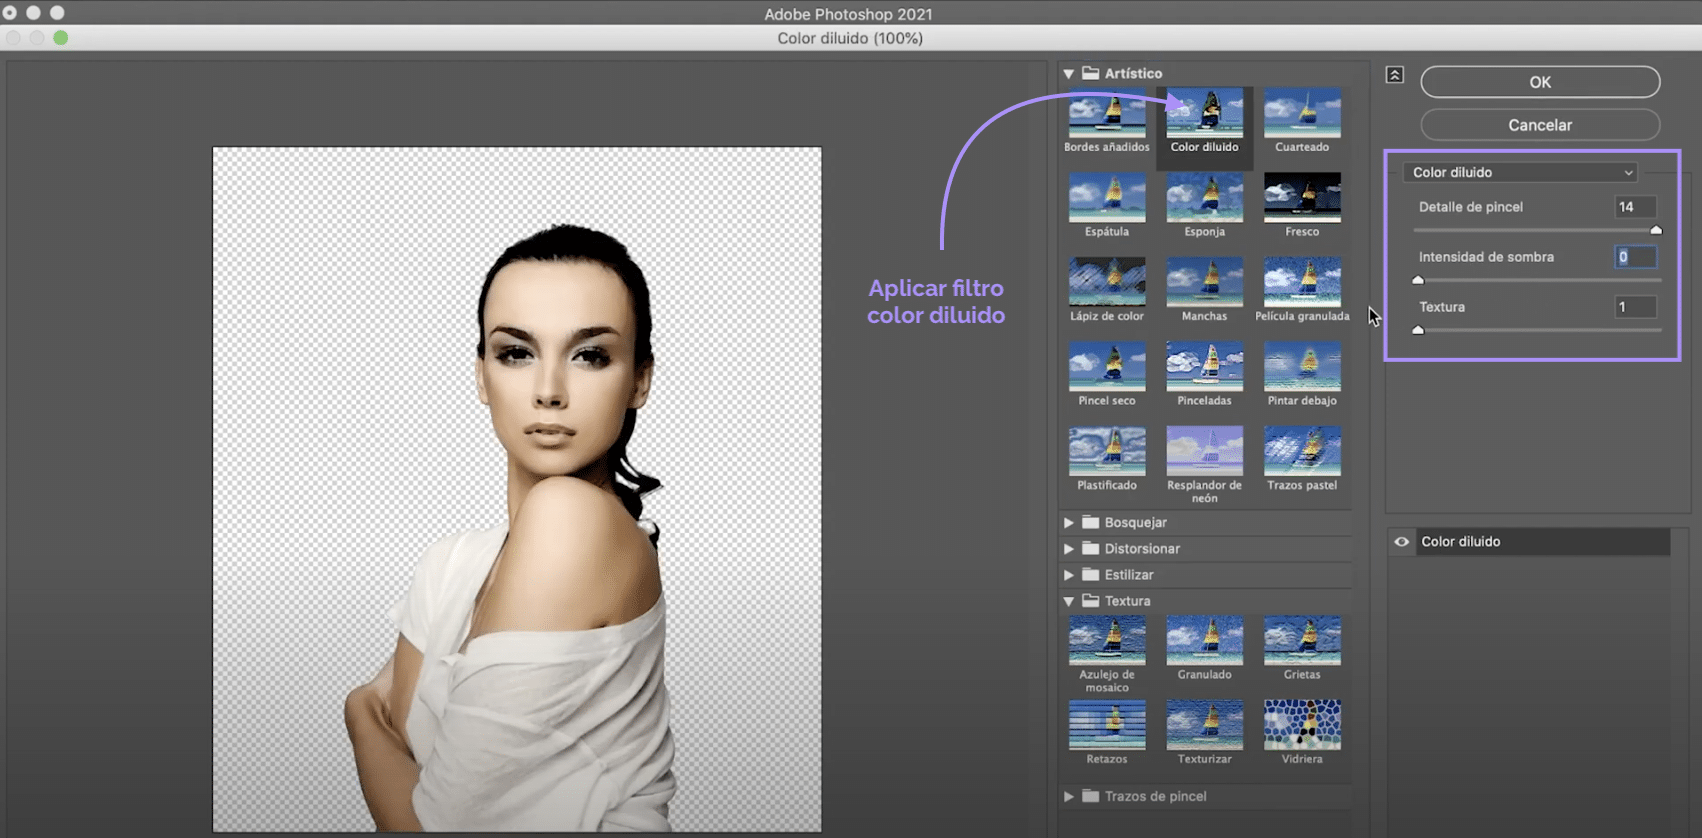 Filtro color diluido en Photoshop